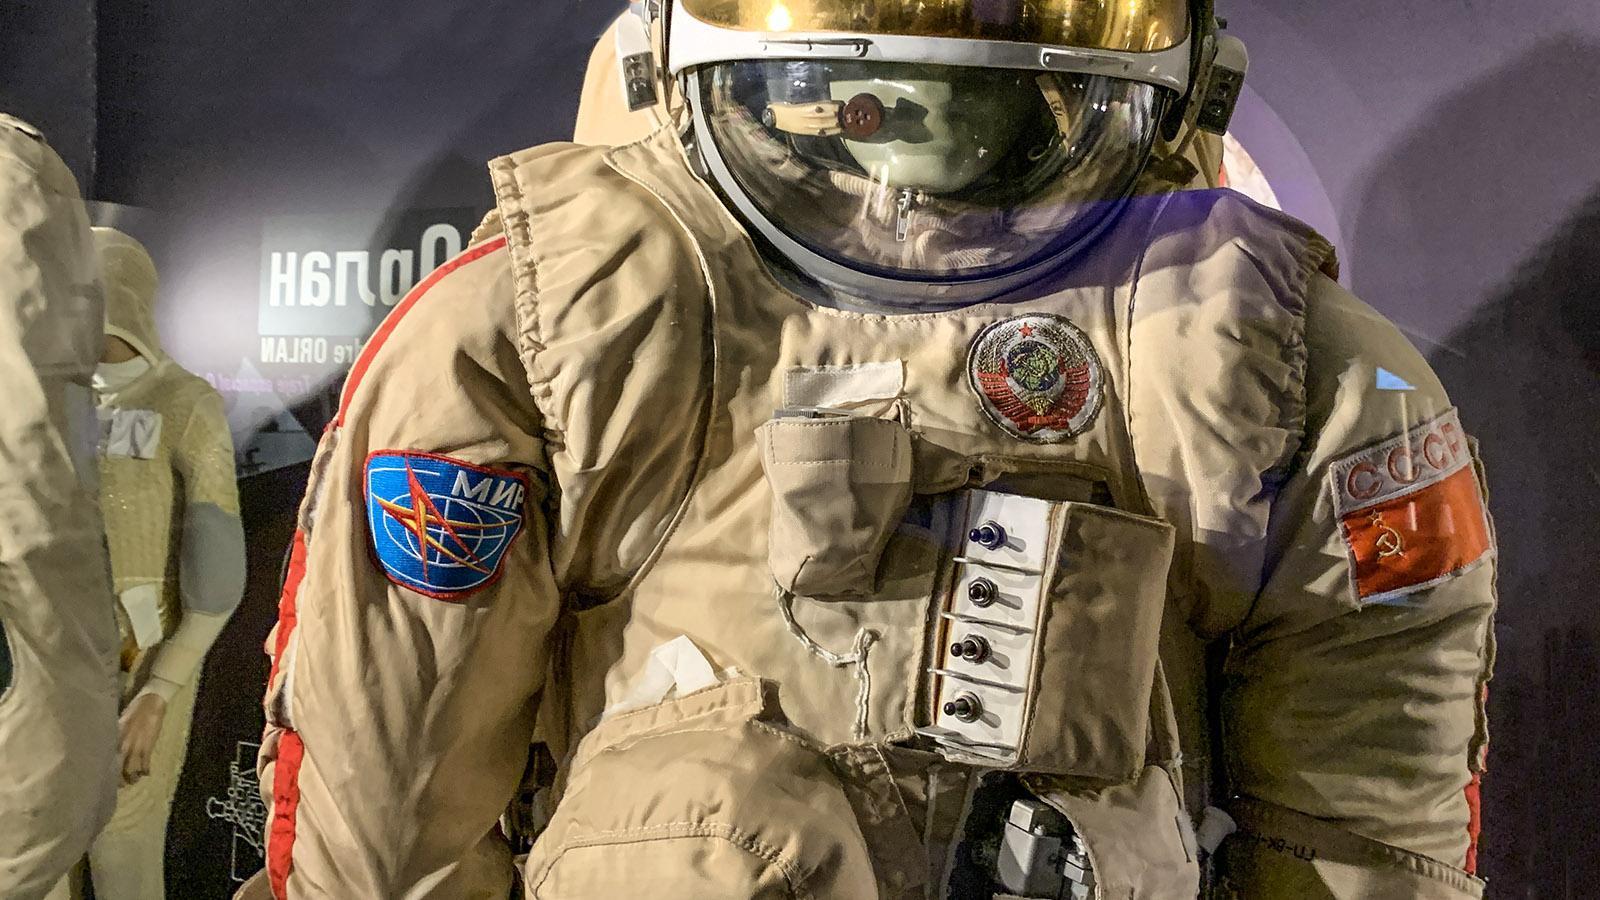 Auch der Weltraumanzug russischer Kosmonauten ist in der Cité de l'Espace ausgestellt. Foto: Hilke Maunder